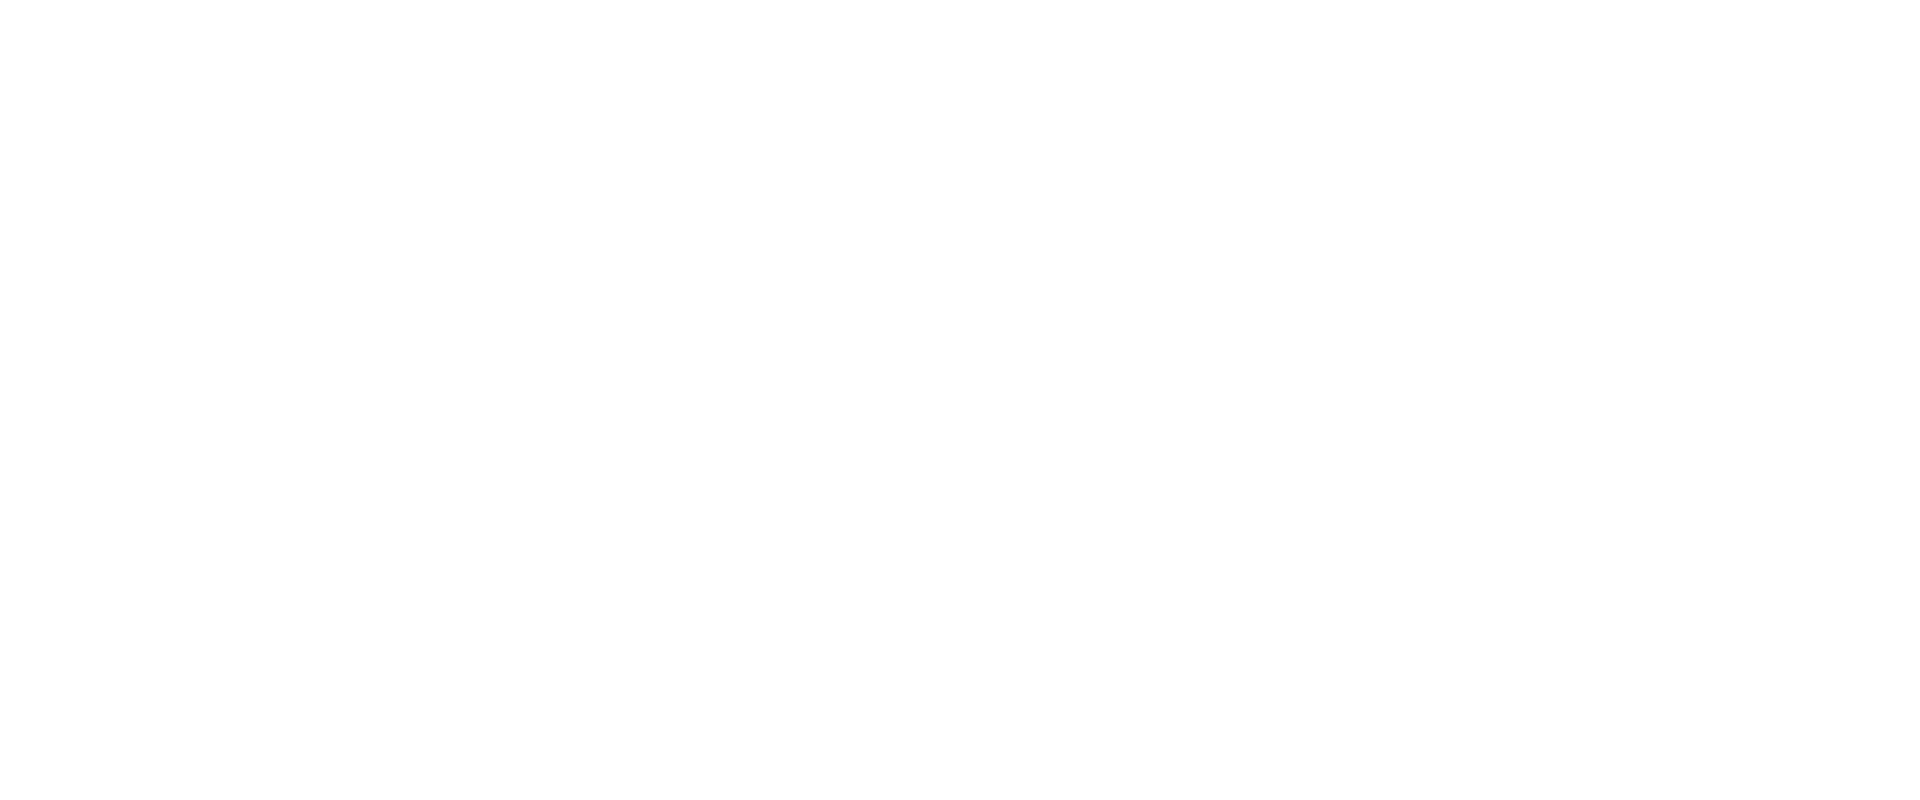 DARK           여름에 의외로 많이 찾는 어두운 계열 자칫 어두워질 수 있는 컬러에 불규칙한           슬럽이 부드러운 컬러감을 연출합니다.